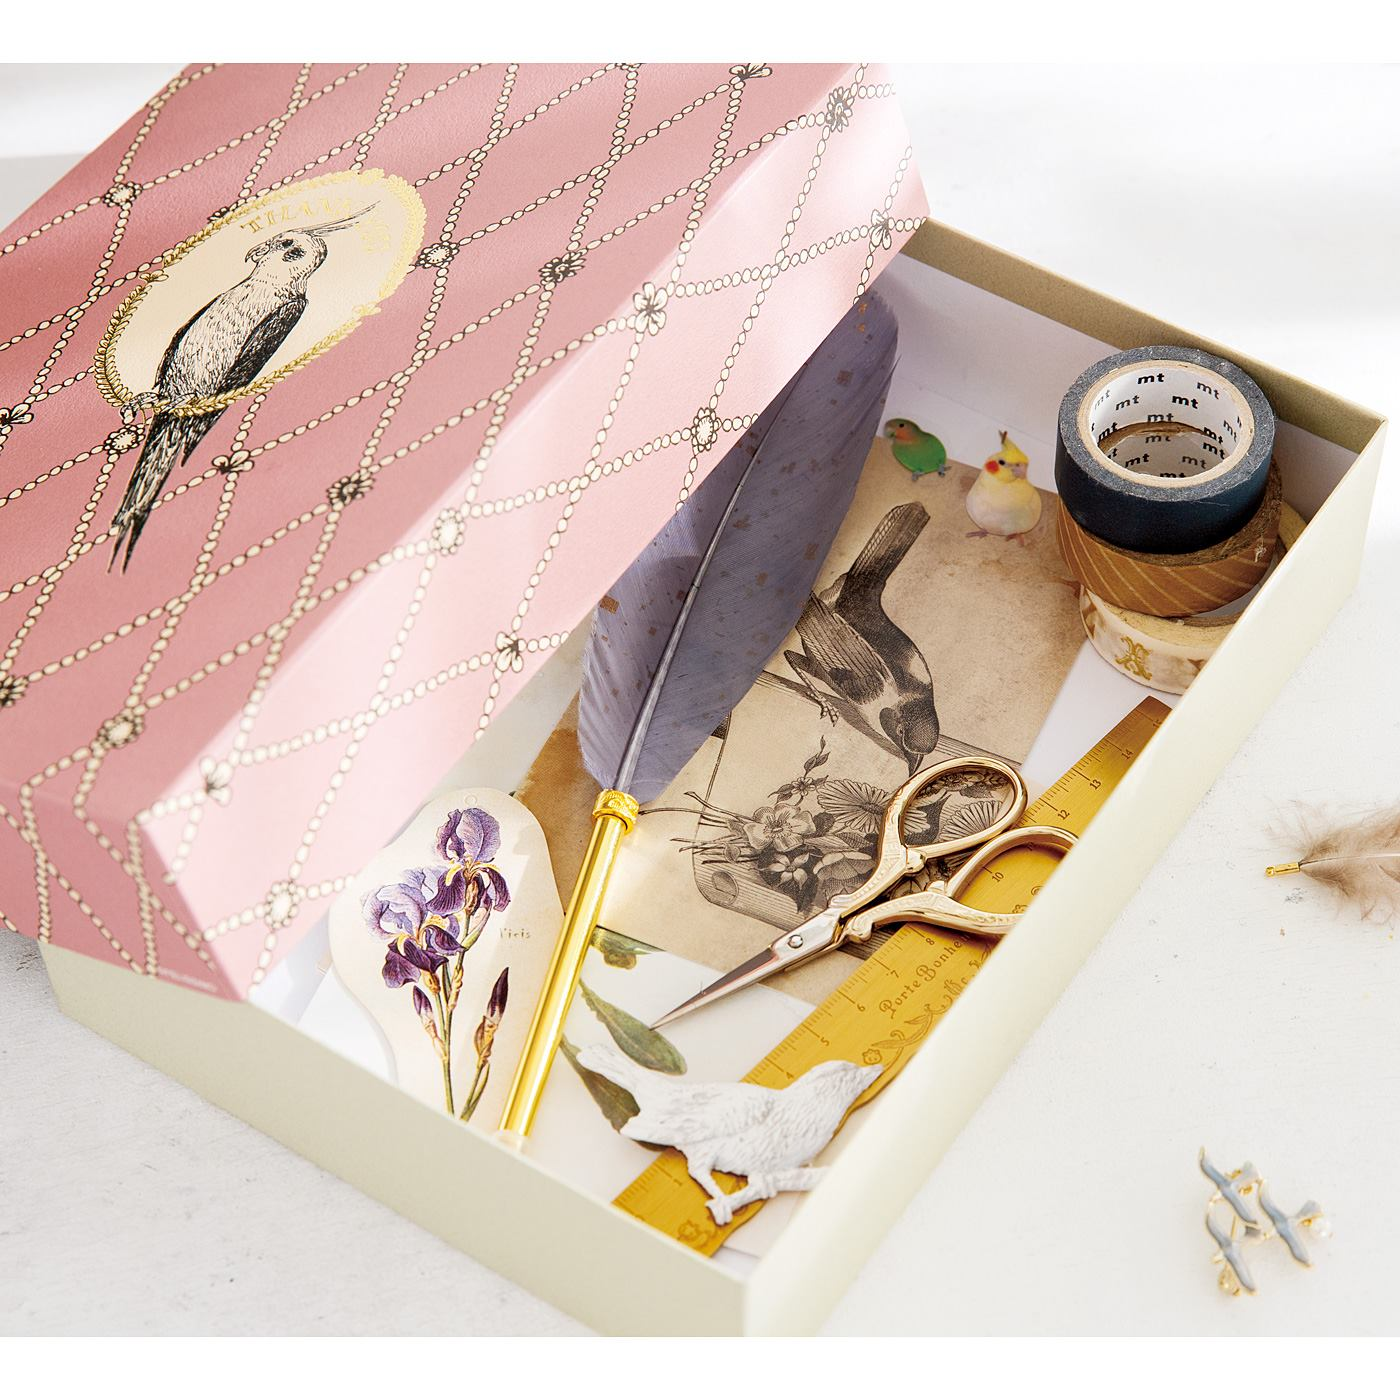 フェリシモメリー|やさしい気持ちを伝える フレンチアンティーク風 小鳥ペーパーアイテムとお道具箱セット|お道具箱は、小鳥飼い仲間へのプレゼントを収納しておくのにもぴったり。ゴールドの箔押しがポイントです。